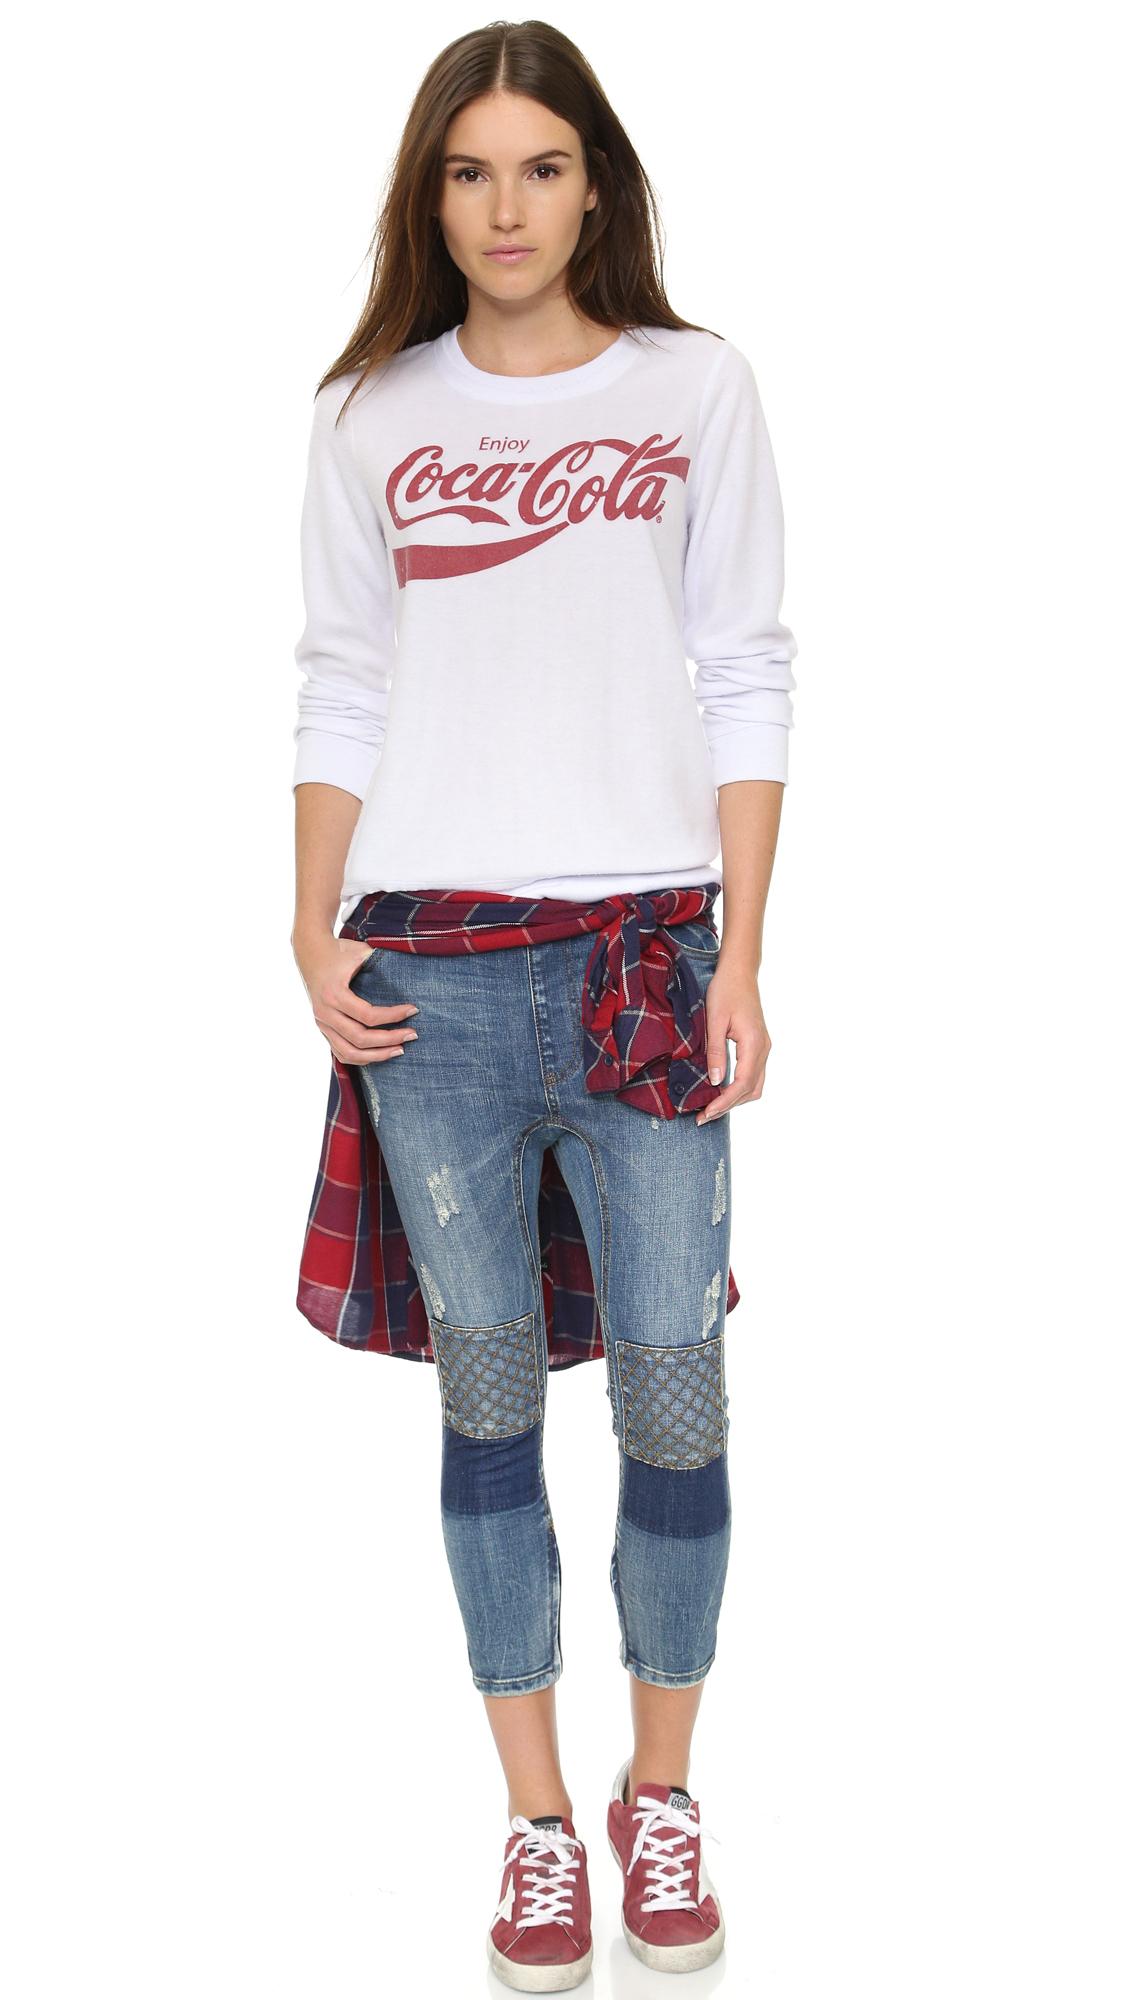 Chaser Vintage Coca-cola Sweatshirt in White